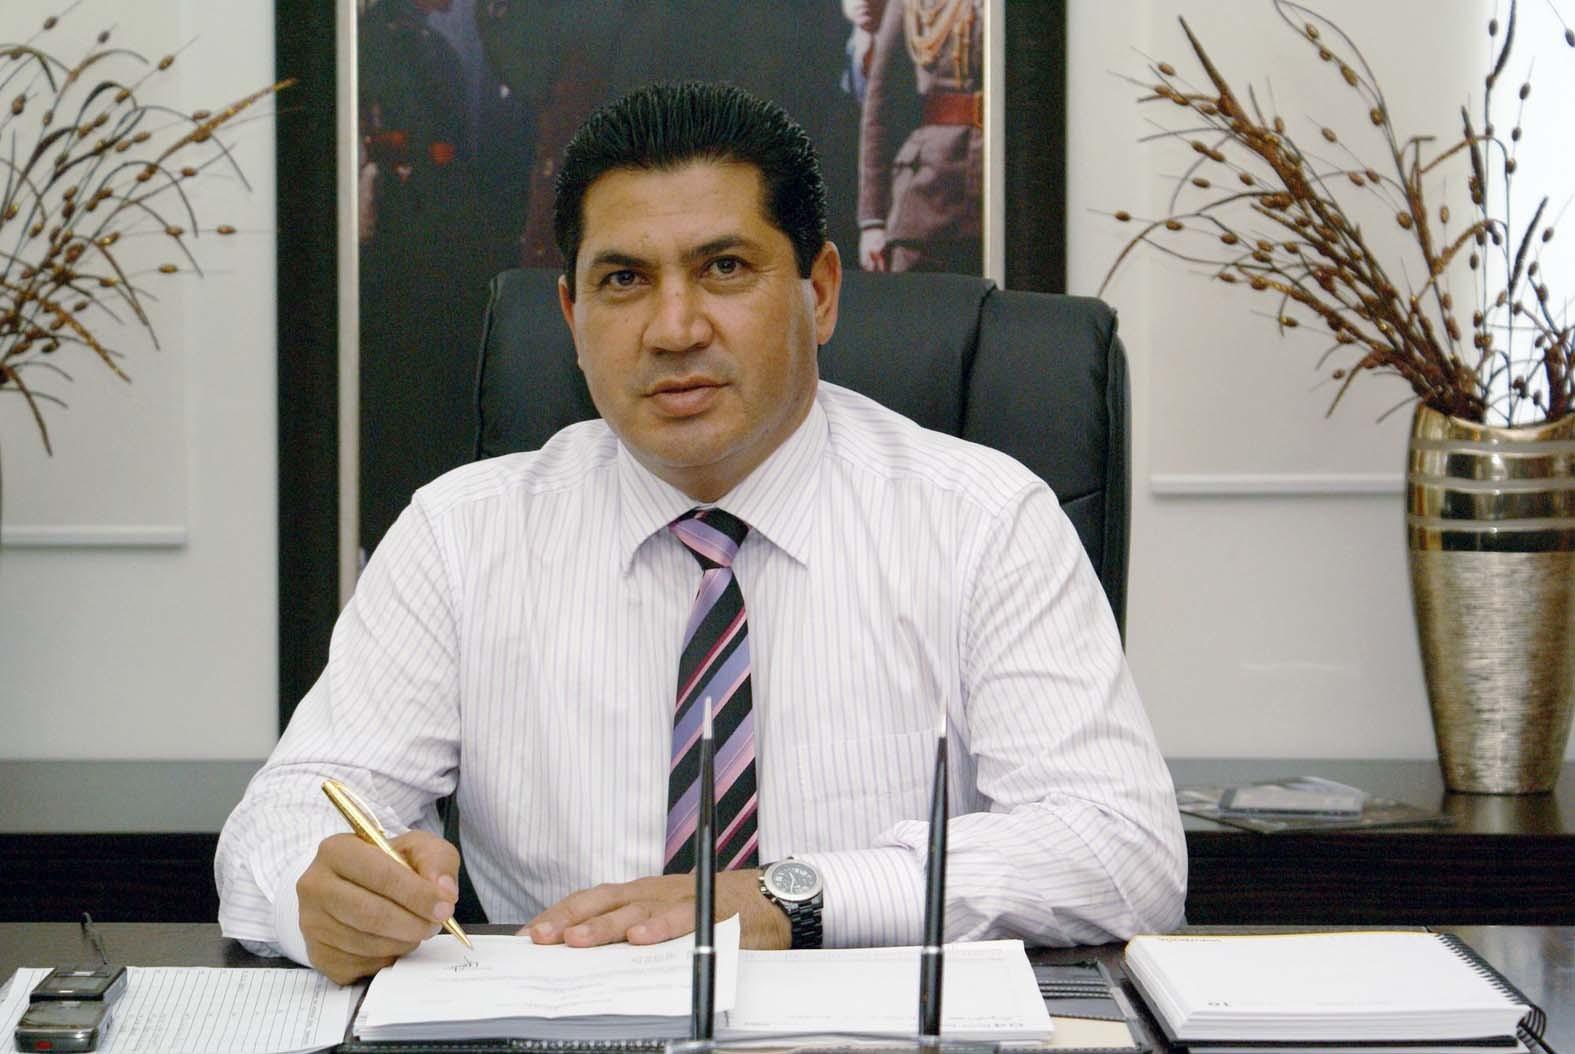 Başkan Mustafa Gül, yaşanan darbe olayların ardından bir açıklama yaptı.